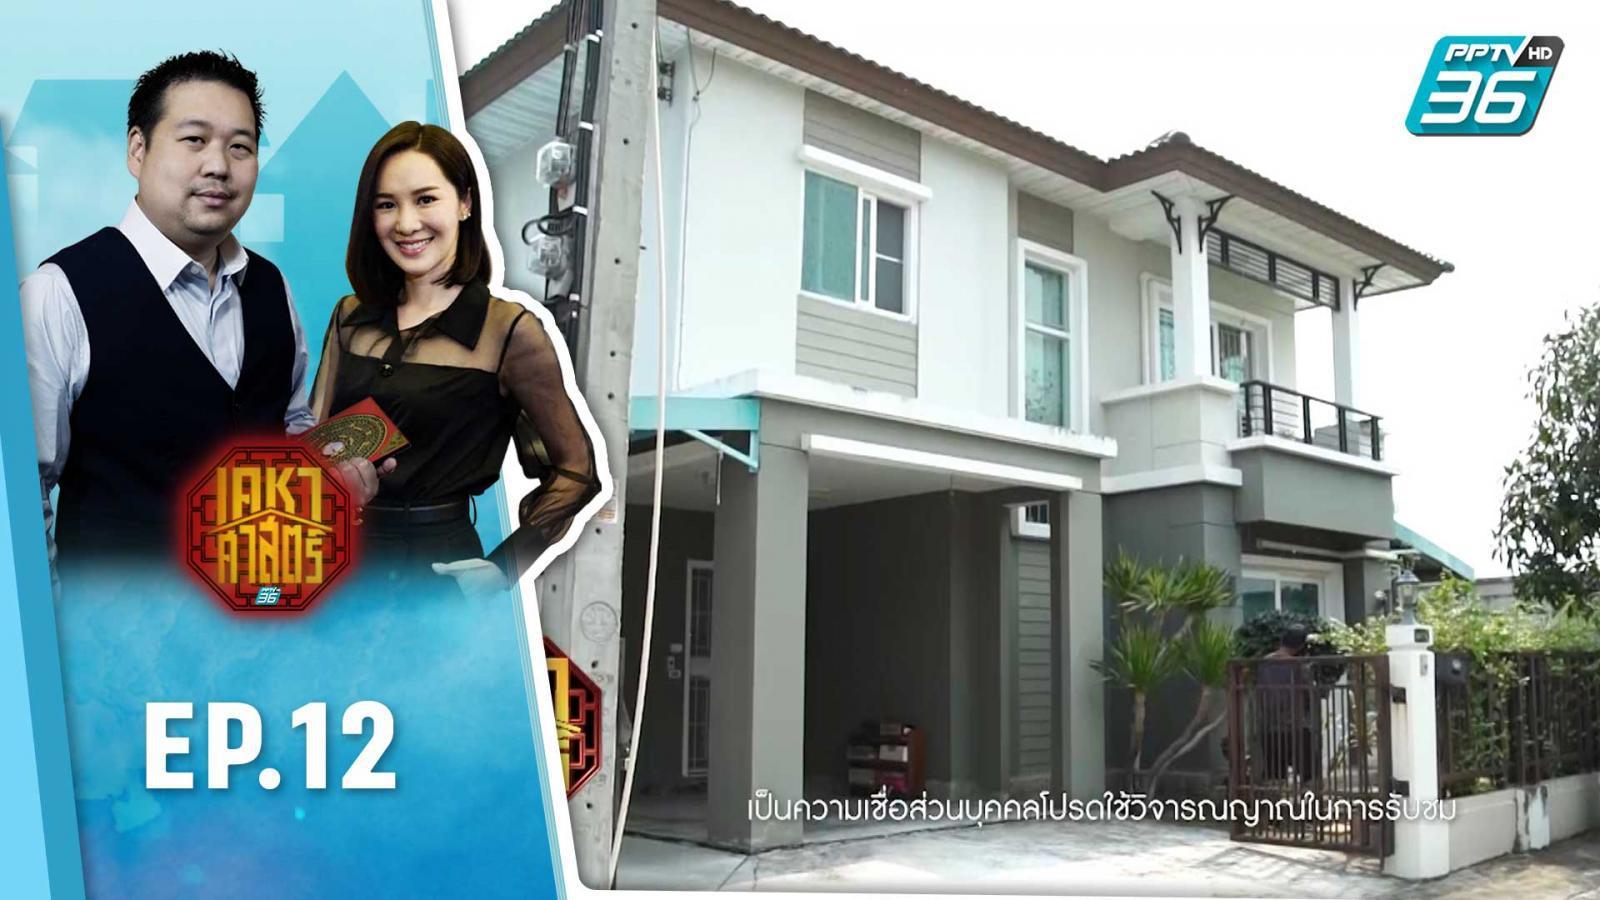 เคหาศาสตร์ EP.12  | บ้านที่ทำให้เกิดโรคร้าย | PPTV HD 36